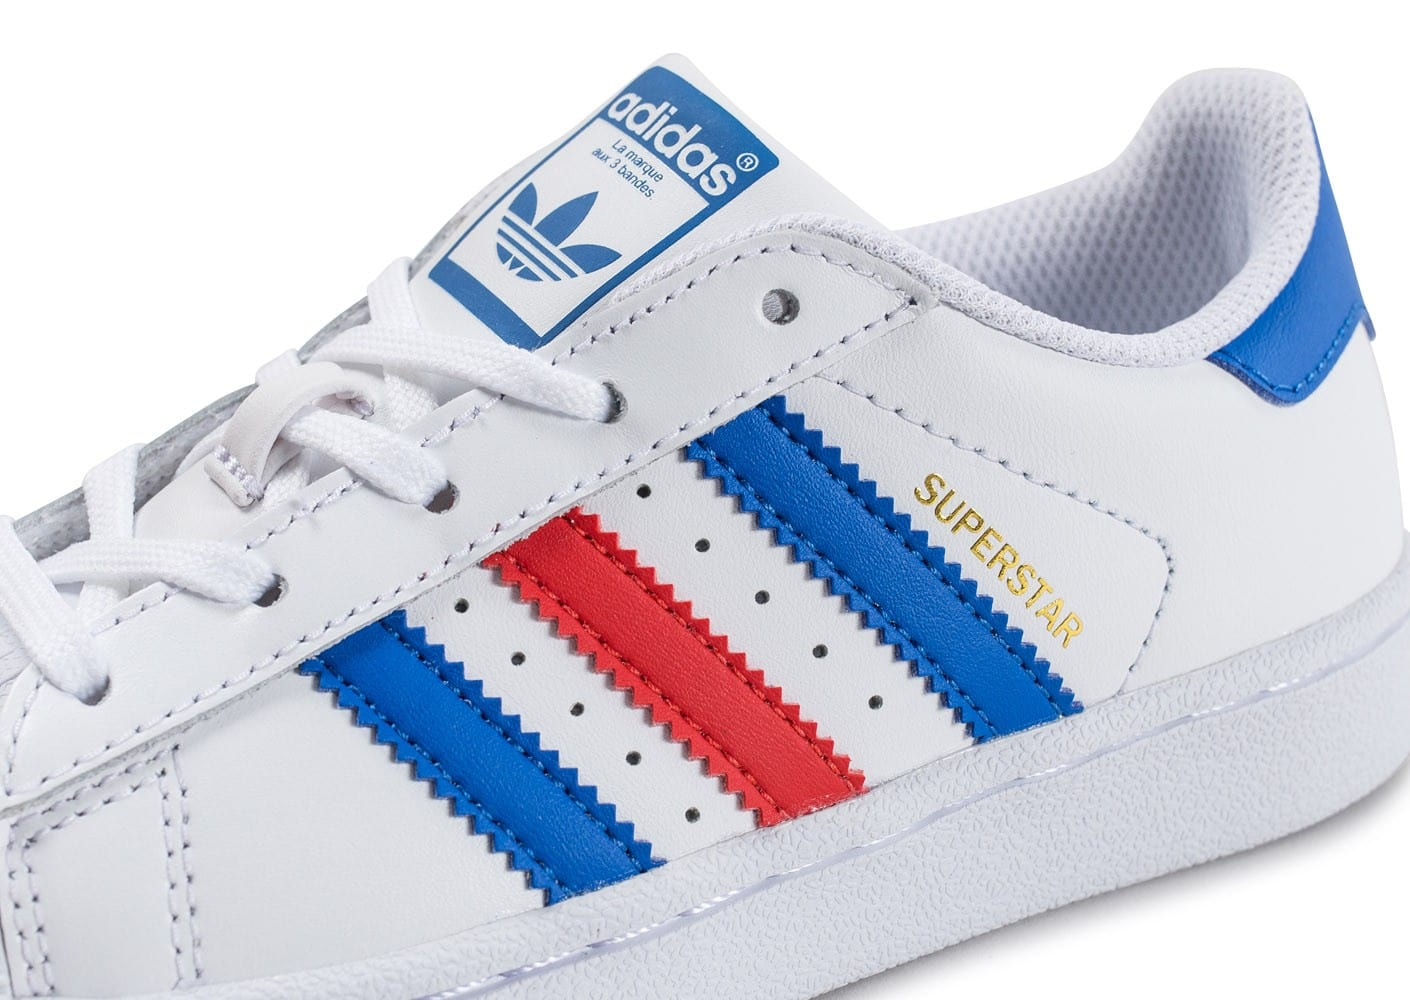 5e136d46ff8 Chaussure Chaussure Rouge Et Rouge Et Rouge Bleu Adidas Adidas Adidas Bleu  Chaussure Y0RXcpx